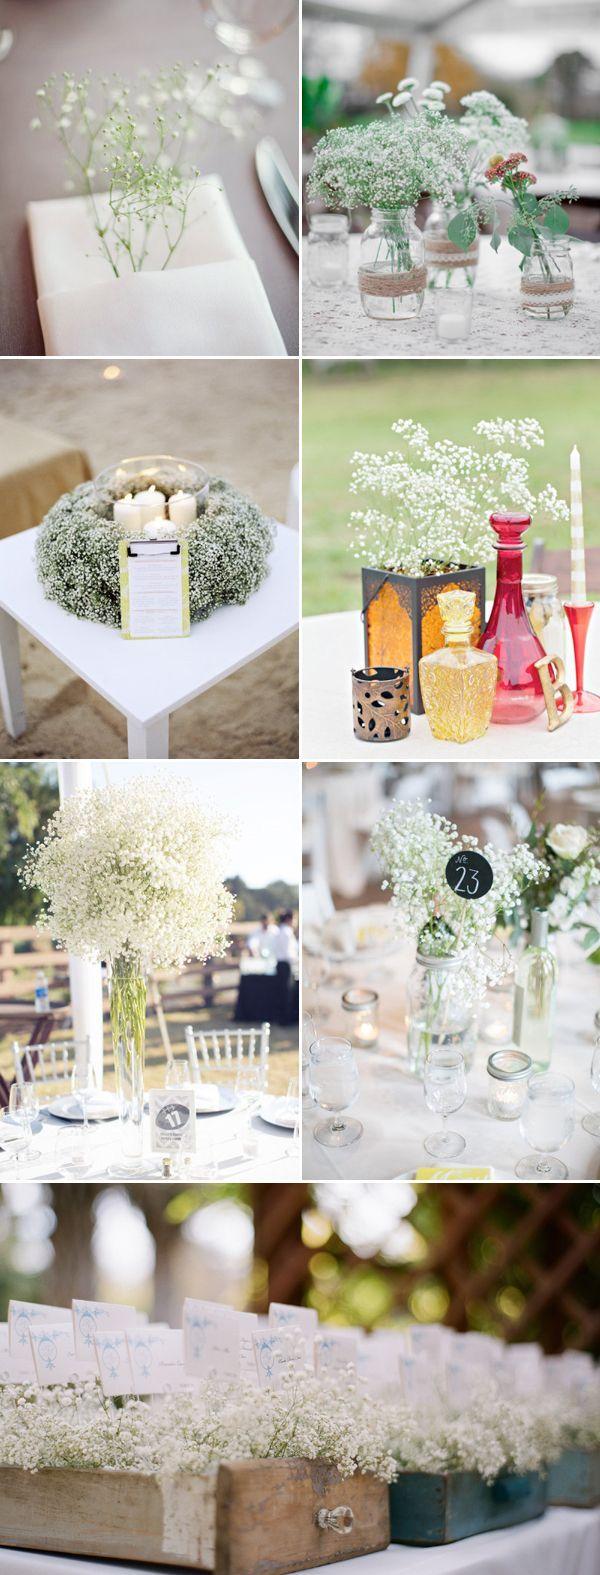 68 Baby\'s Breath Wedding Ideas for Rustic Weddings | Weddings ...